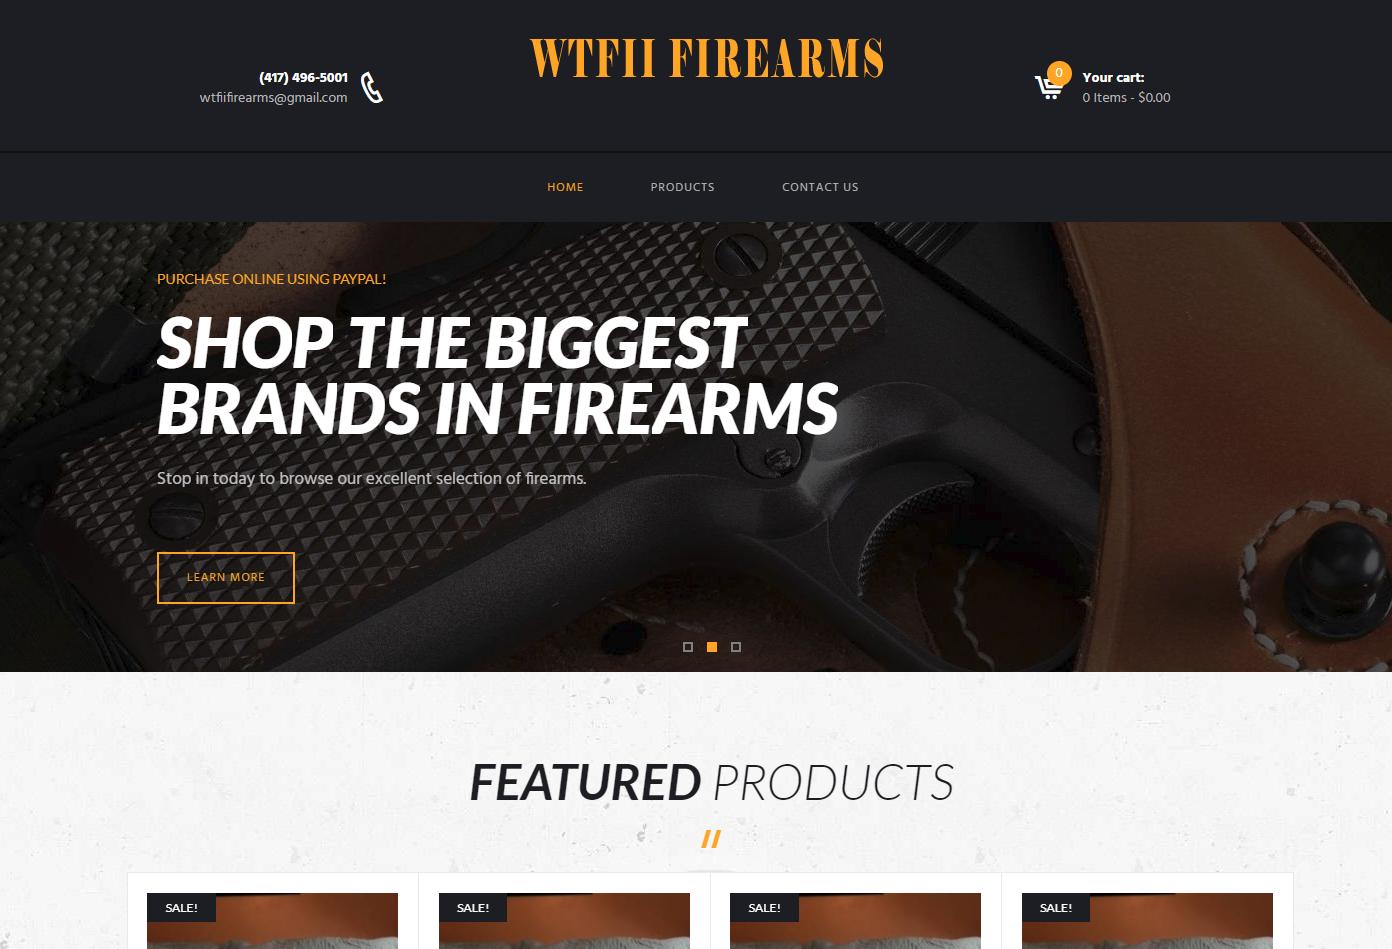 WTFII Firearms Sales